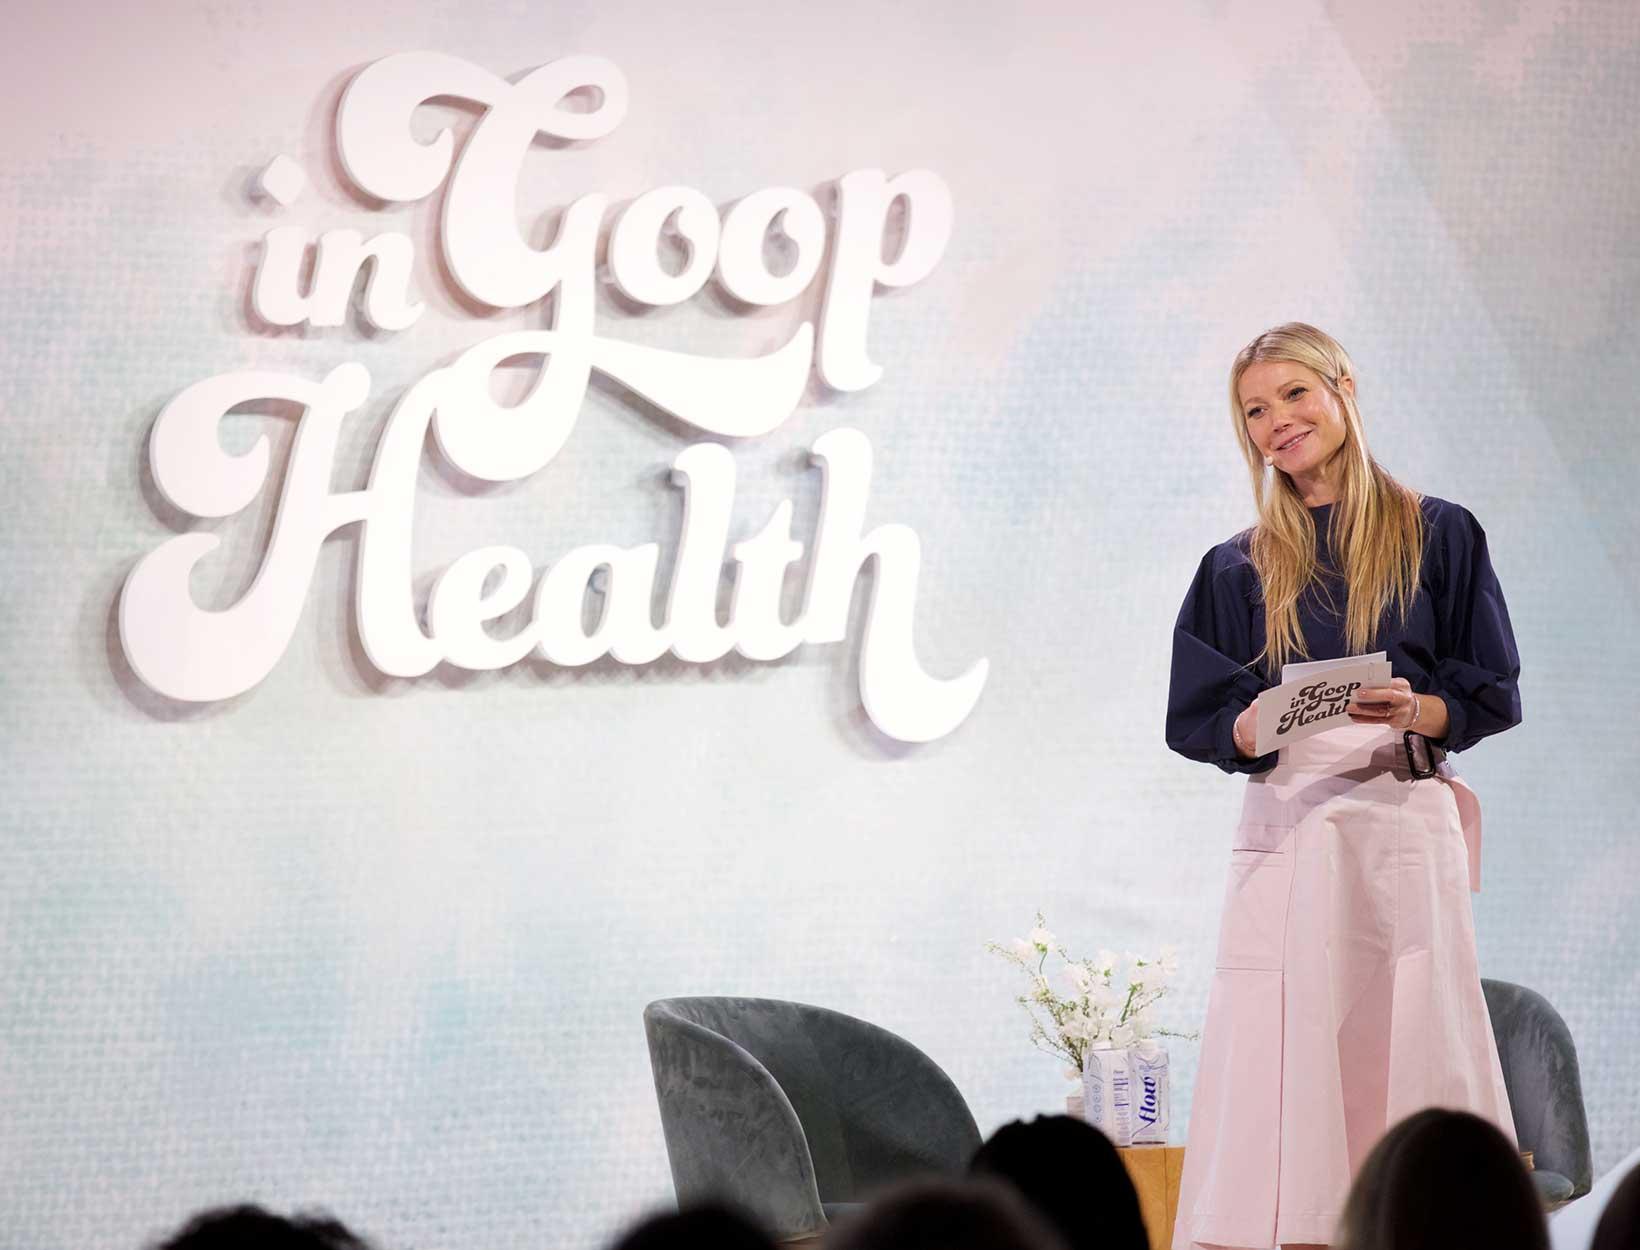 Get Ready for Gwyneth Paltrows Goop Wellness Summit